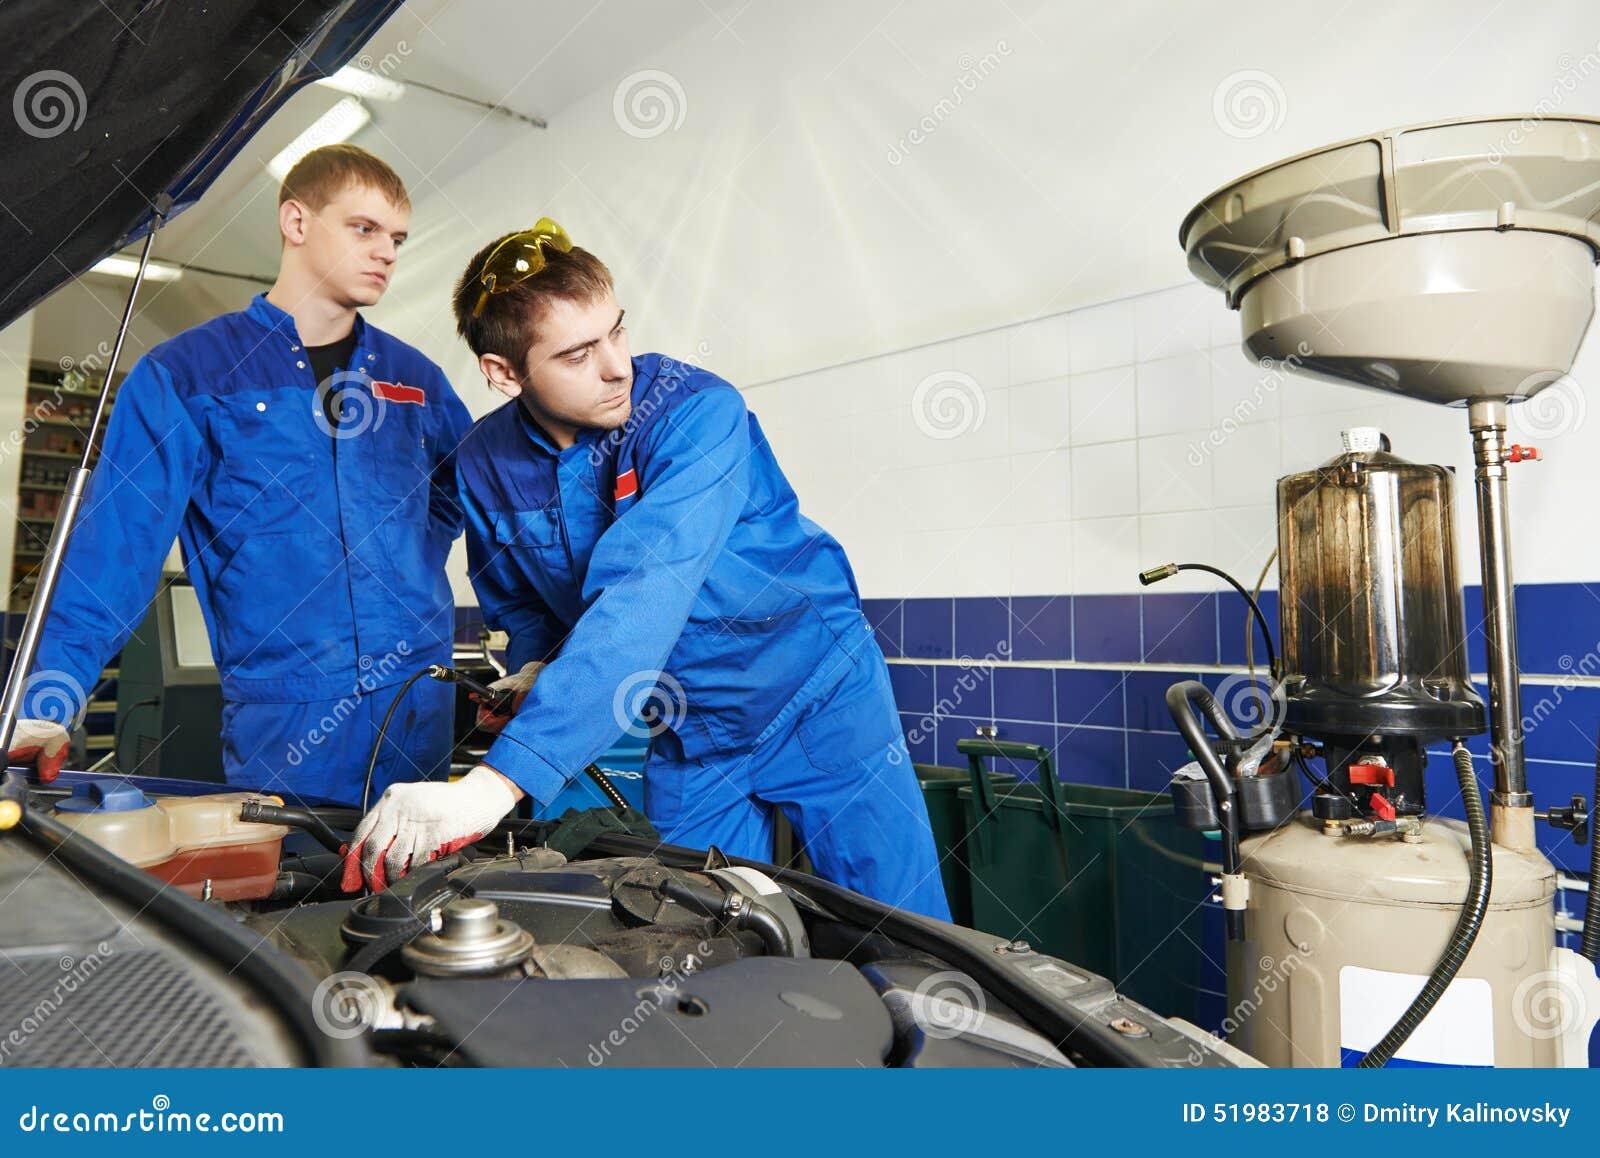 Car maintenance oil and filter replacing stock photo Motor vehicle repair